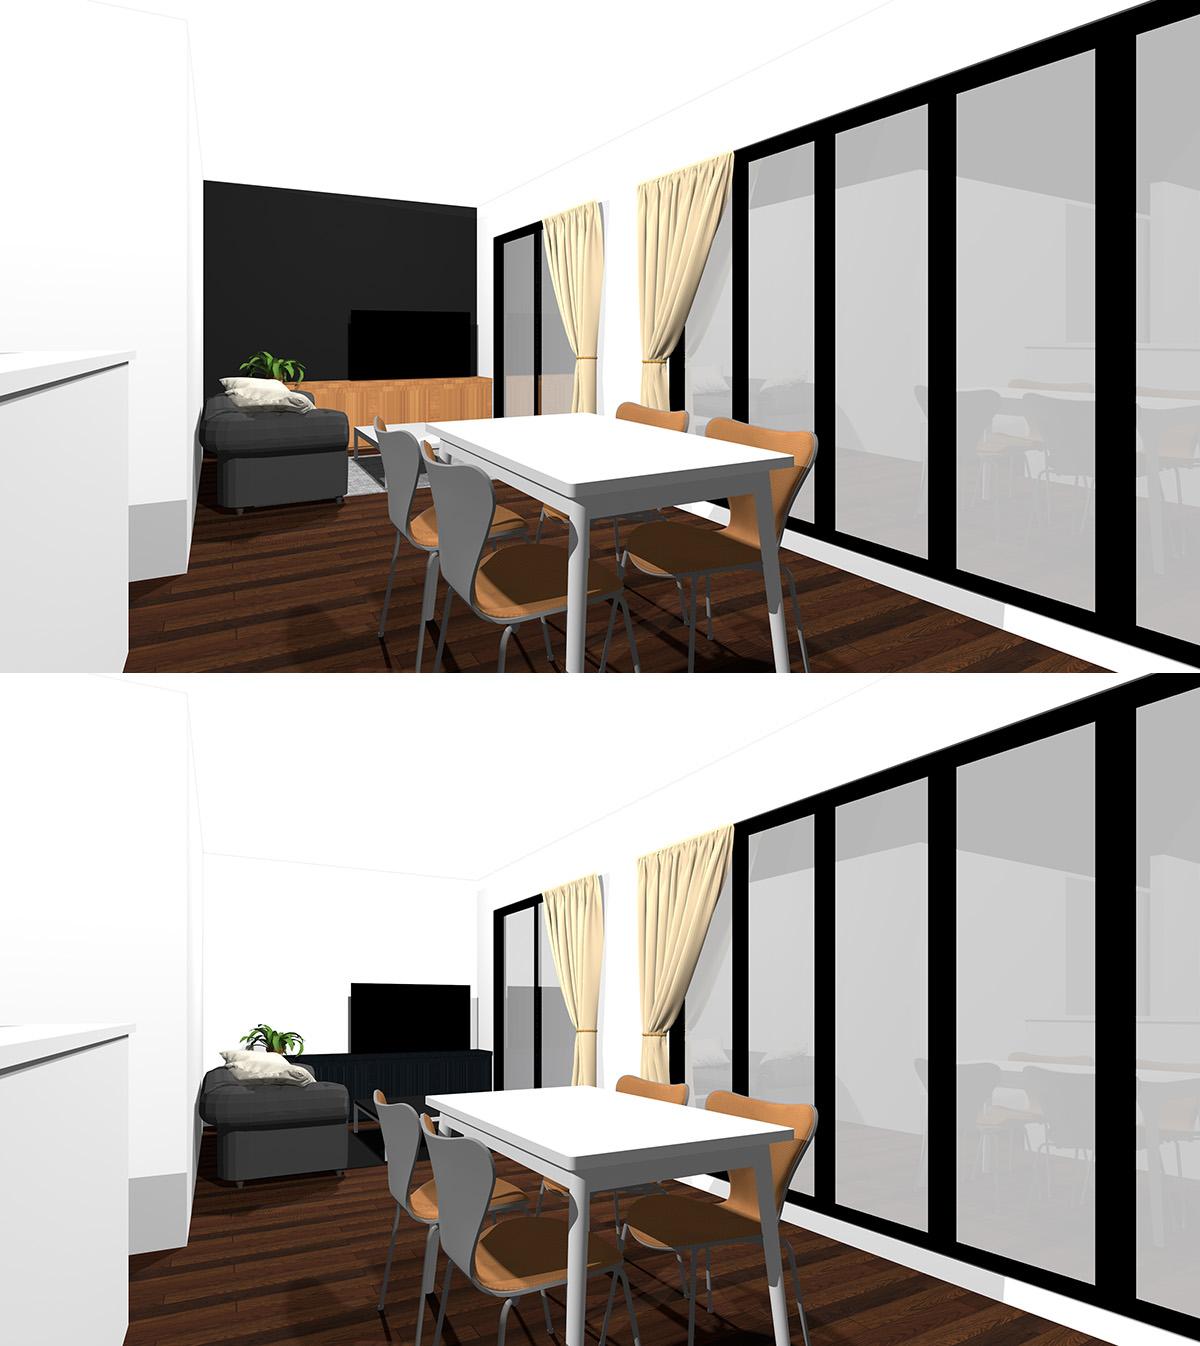 一箇所を黒のアクセントクロスにしたダークブラウンのフローリングのリビングダイニングと腰から下の家具やファブリックを黒にしたリビングダイニングの比較